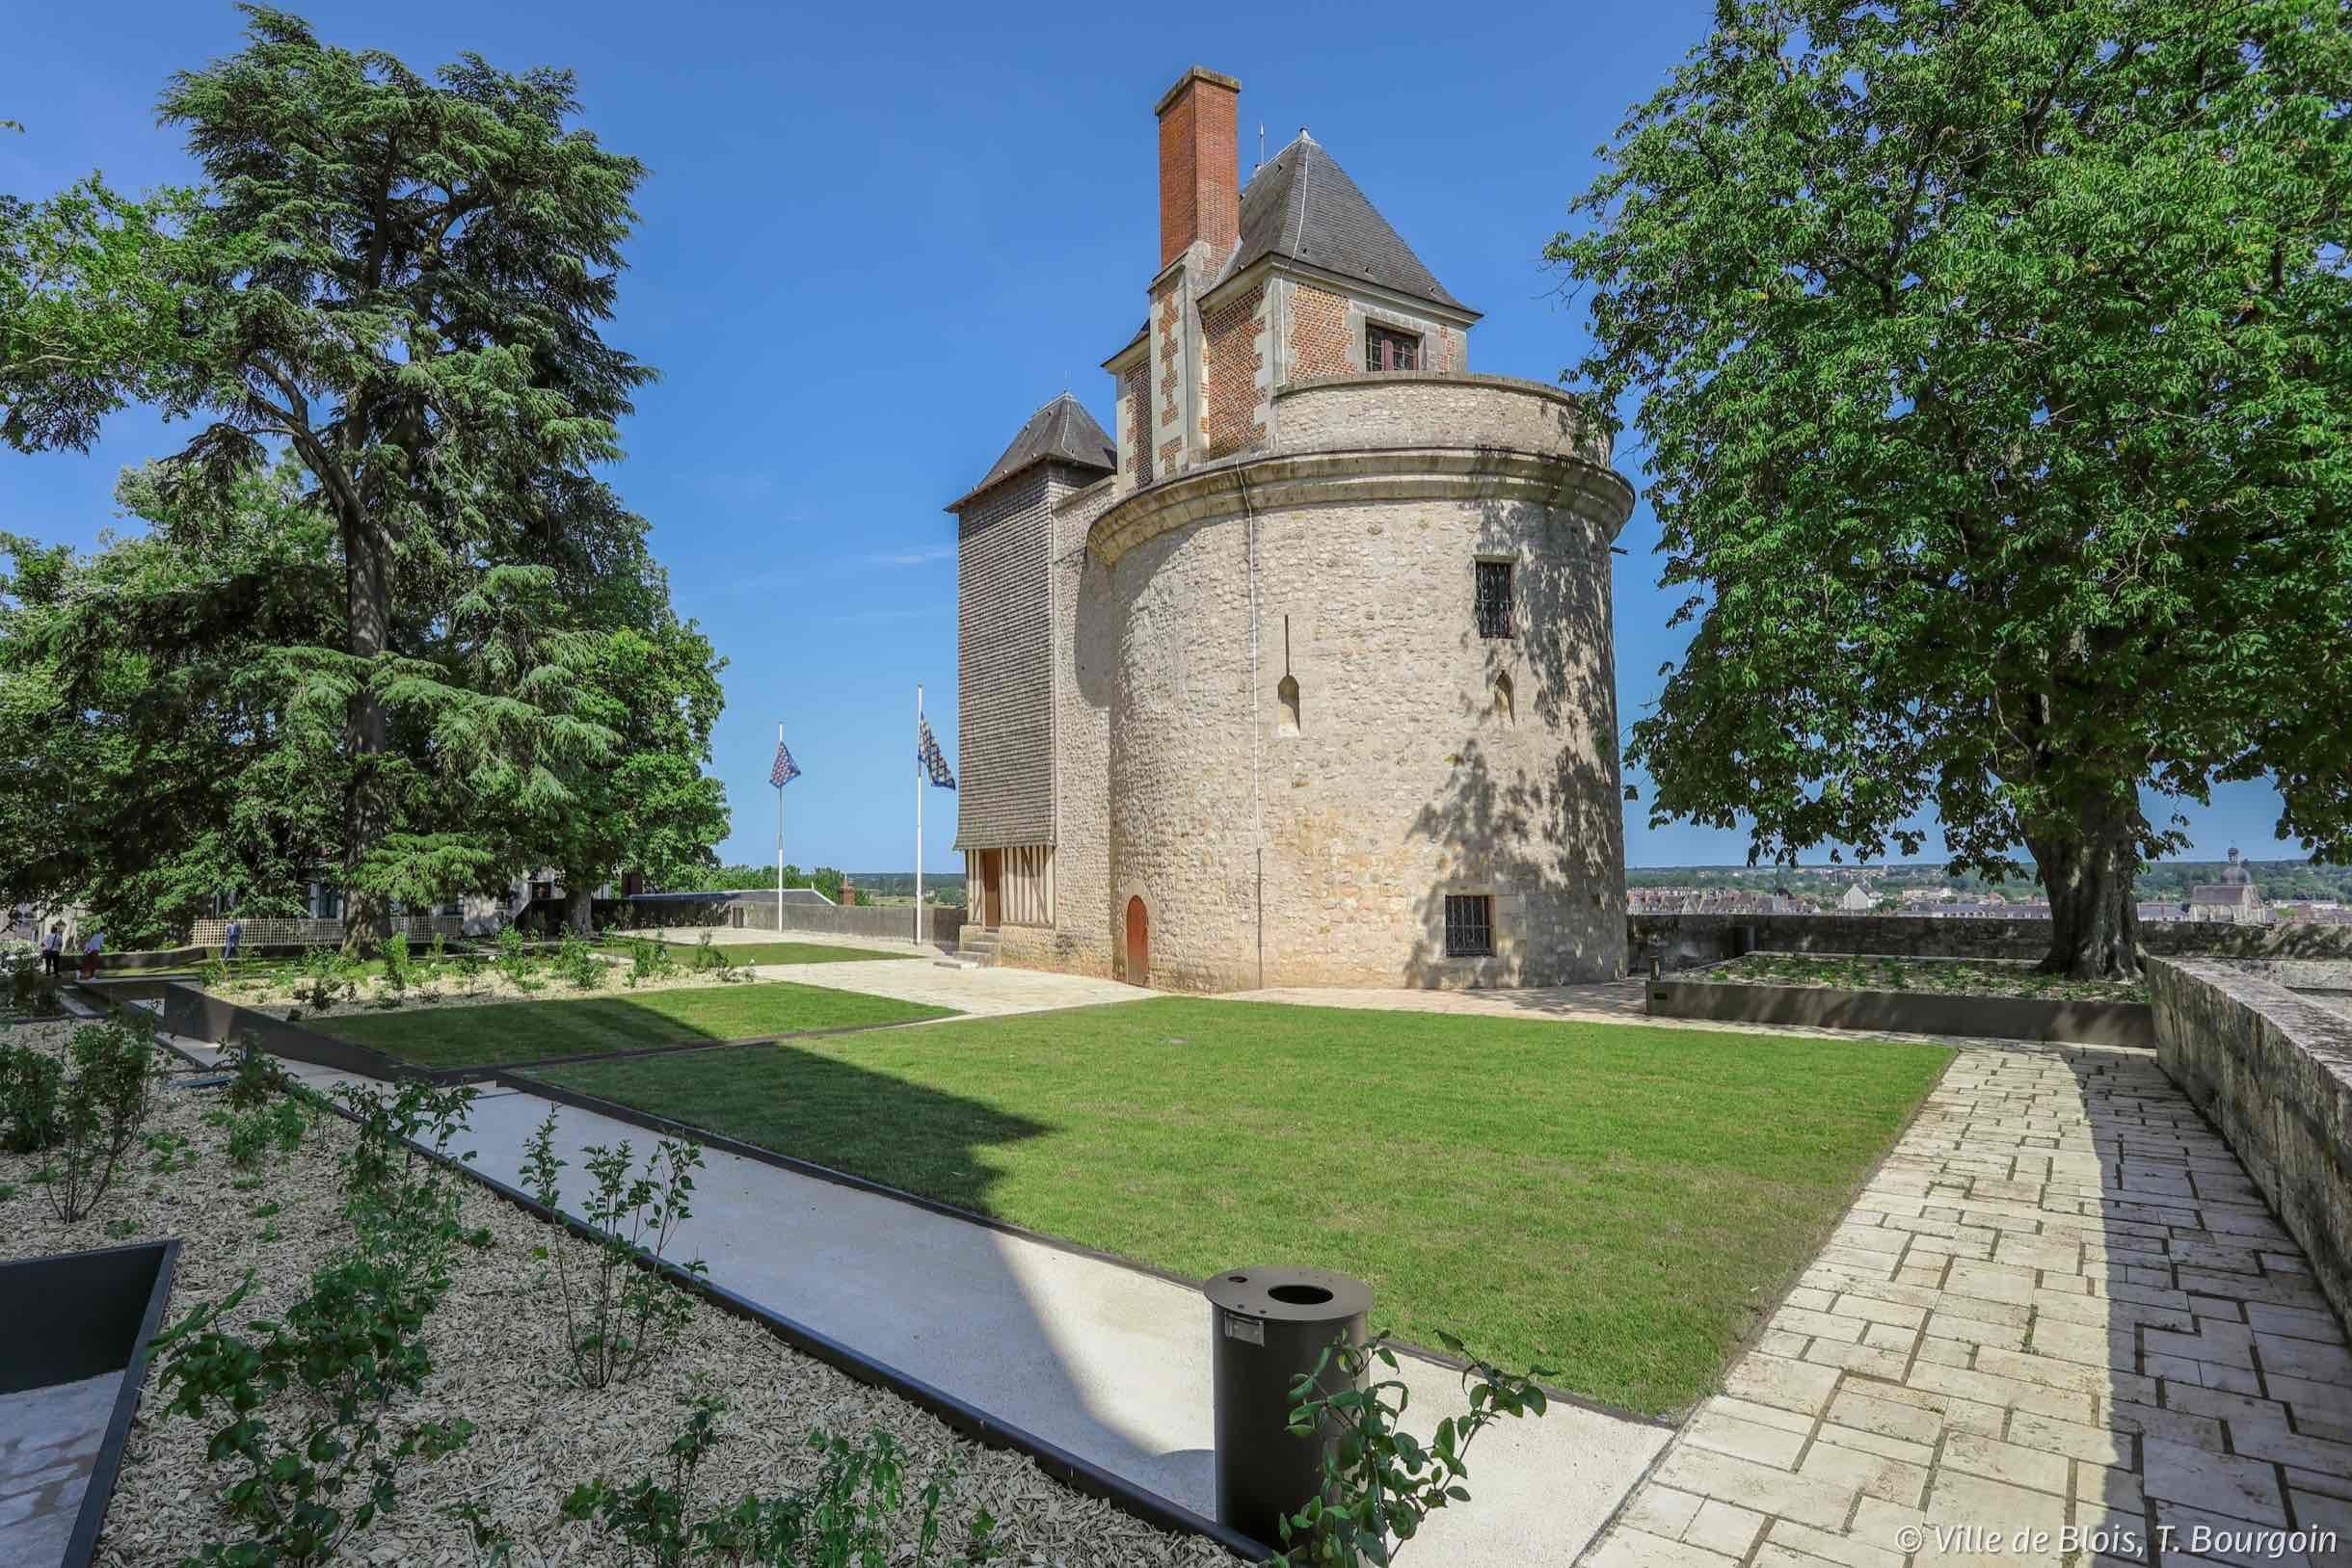 Les nouveaux jardins, avec une pelouse au premier plan, devant la tour du Foix au second plan. La Loire se devine en contre-bas des jardins.